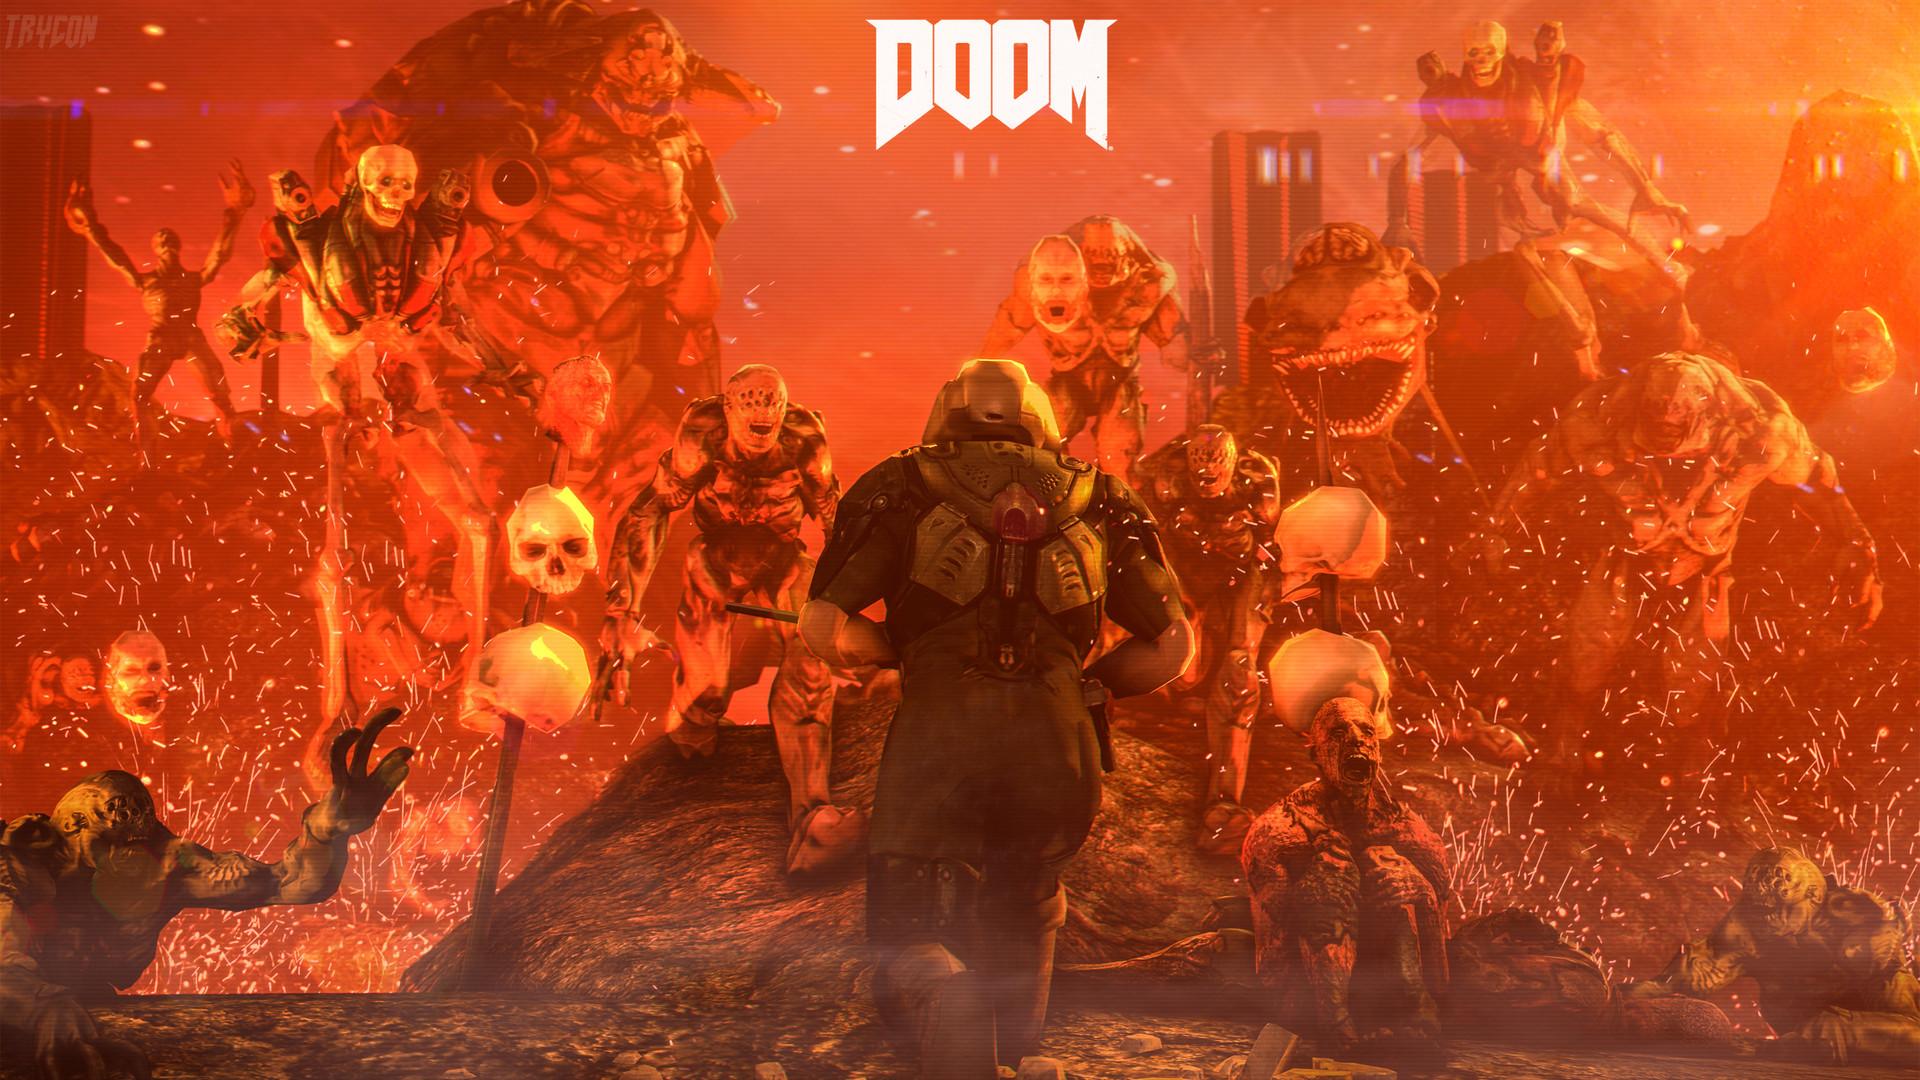 Res: 1920x1080, doom-4-digital-art-wallpaper.jpg